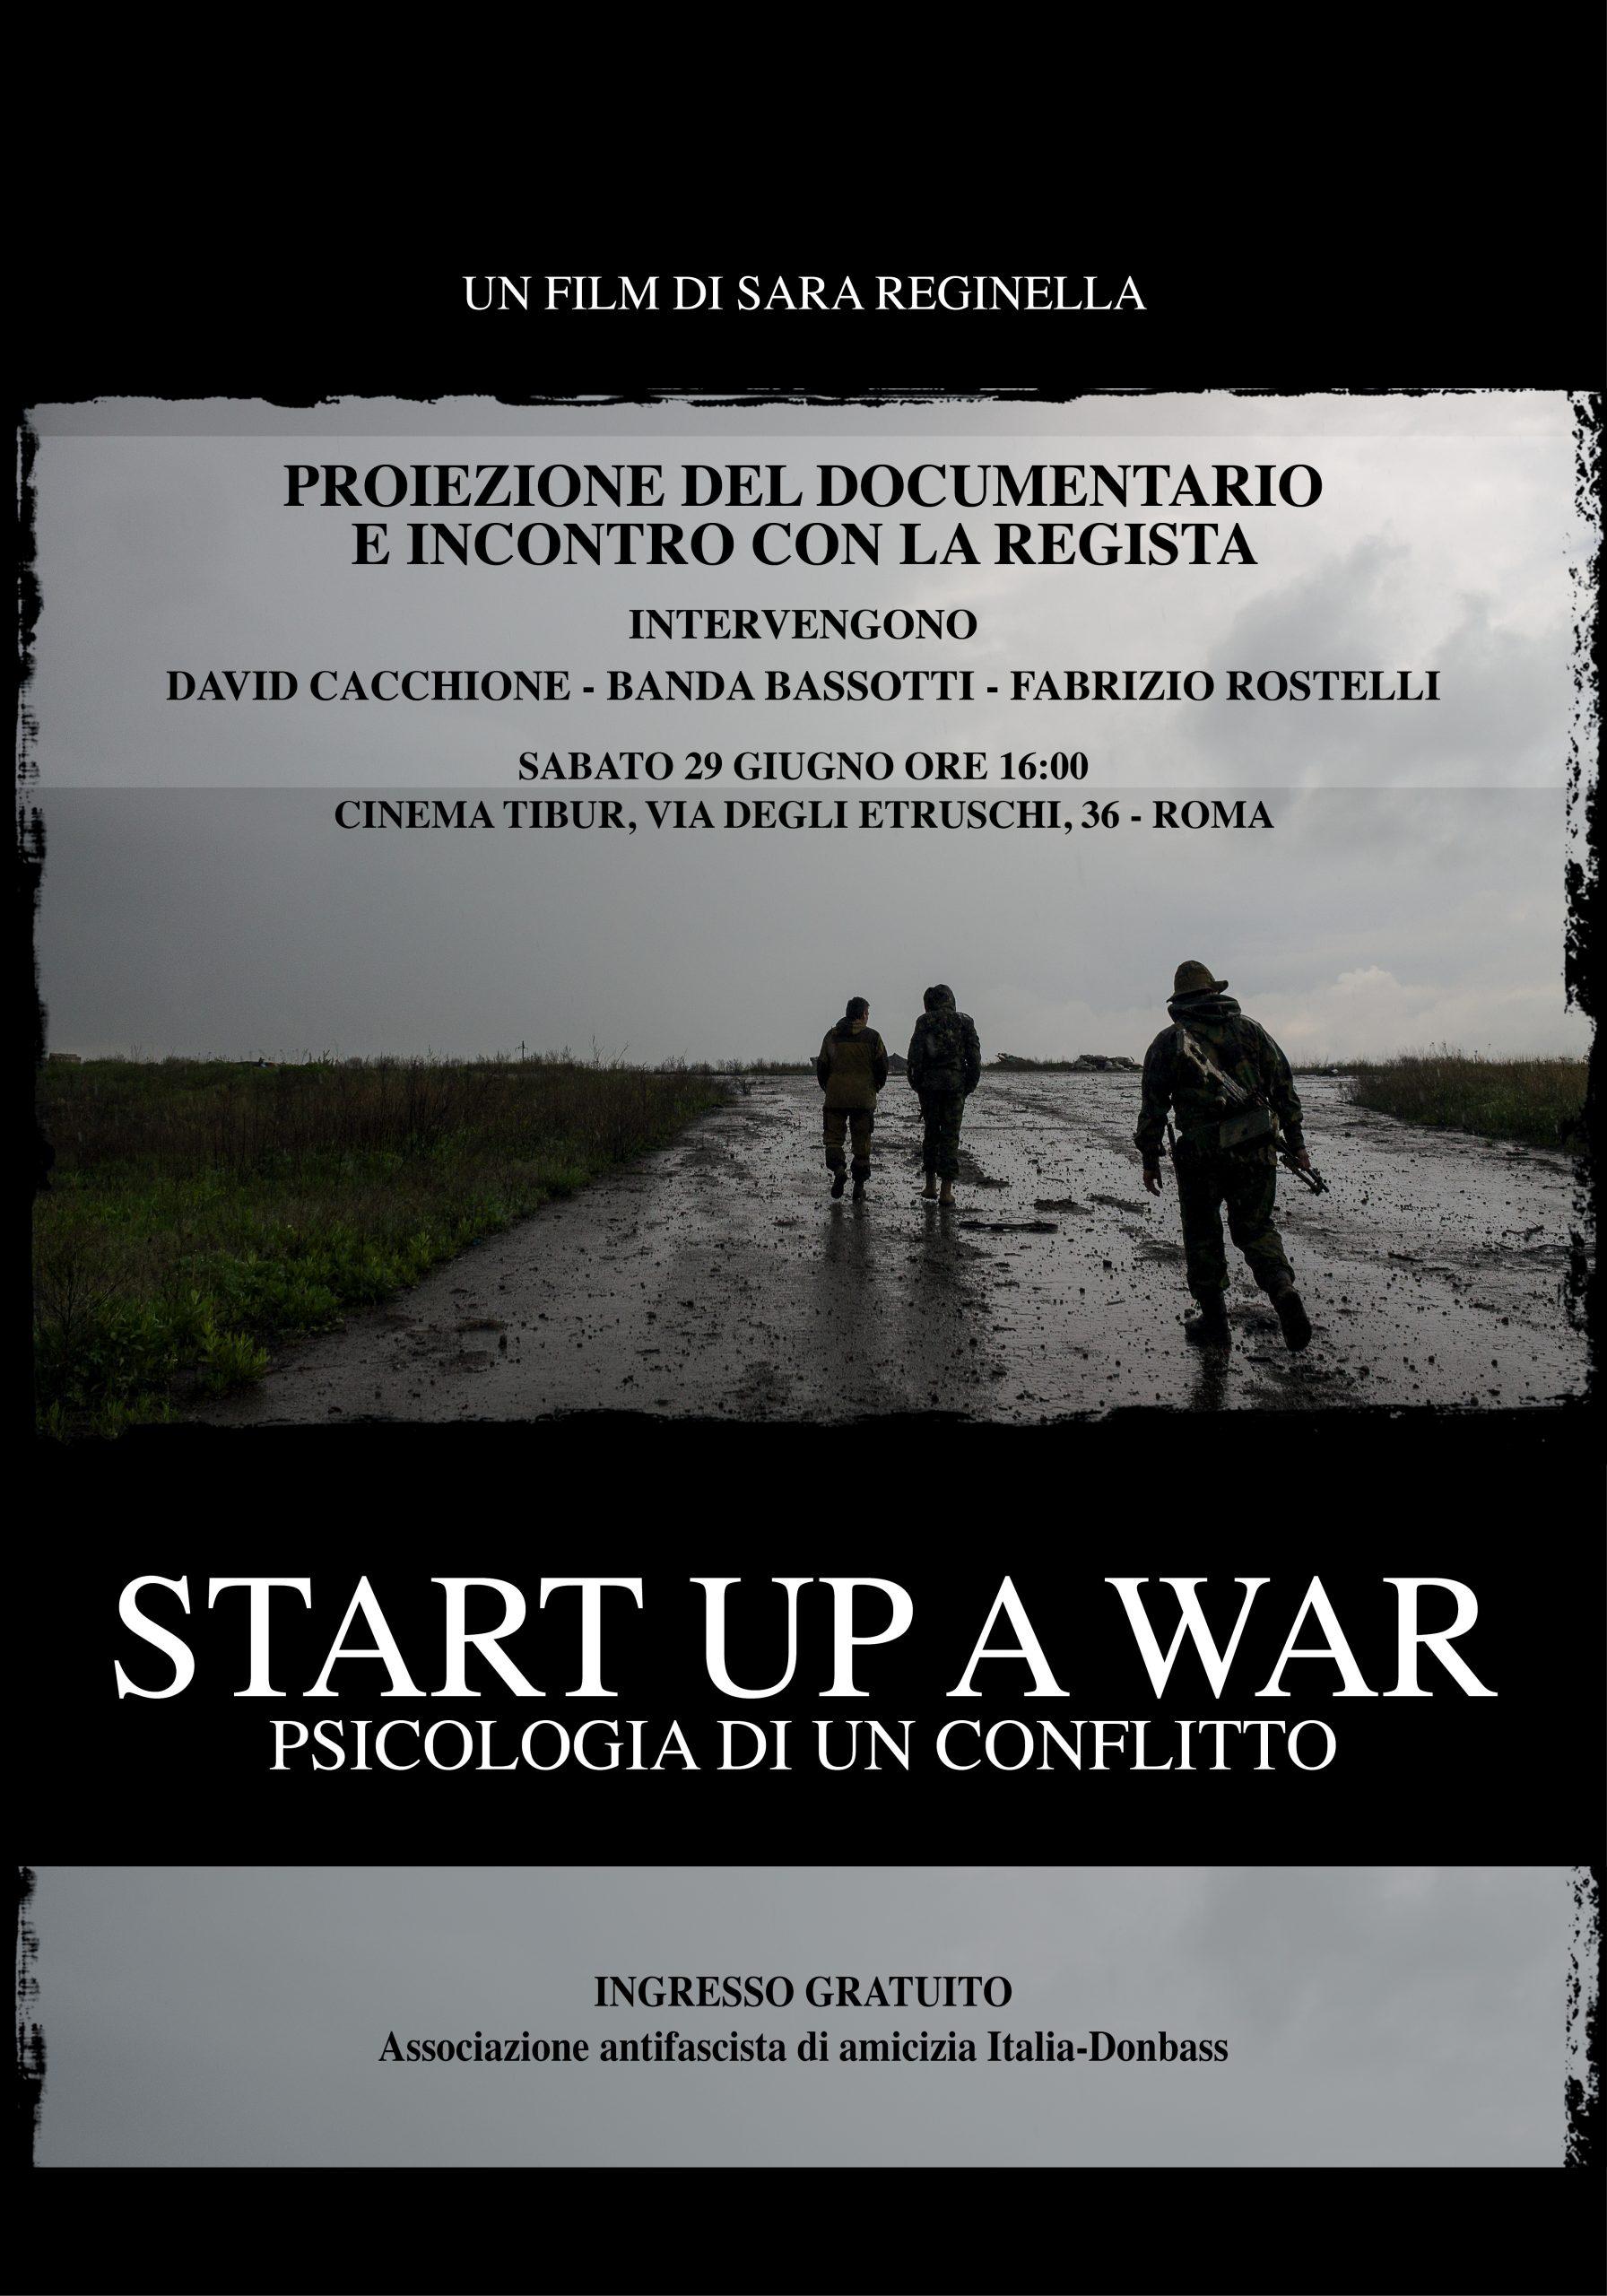 Sara Reginella   Start Up a War Cinema Tibur Roma